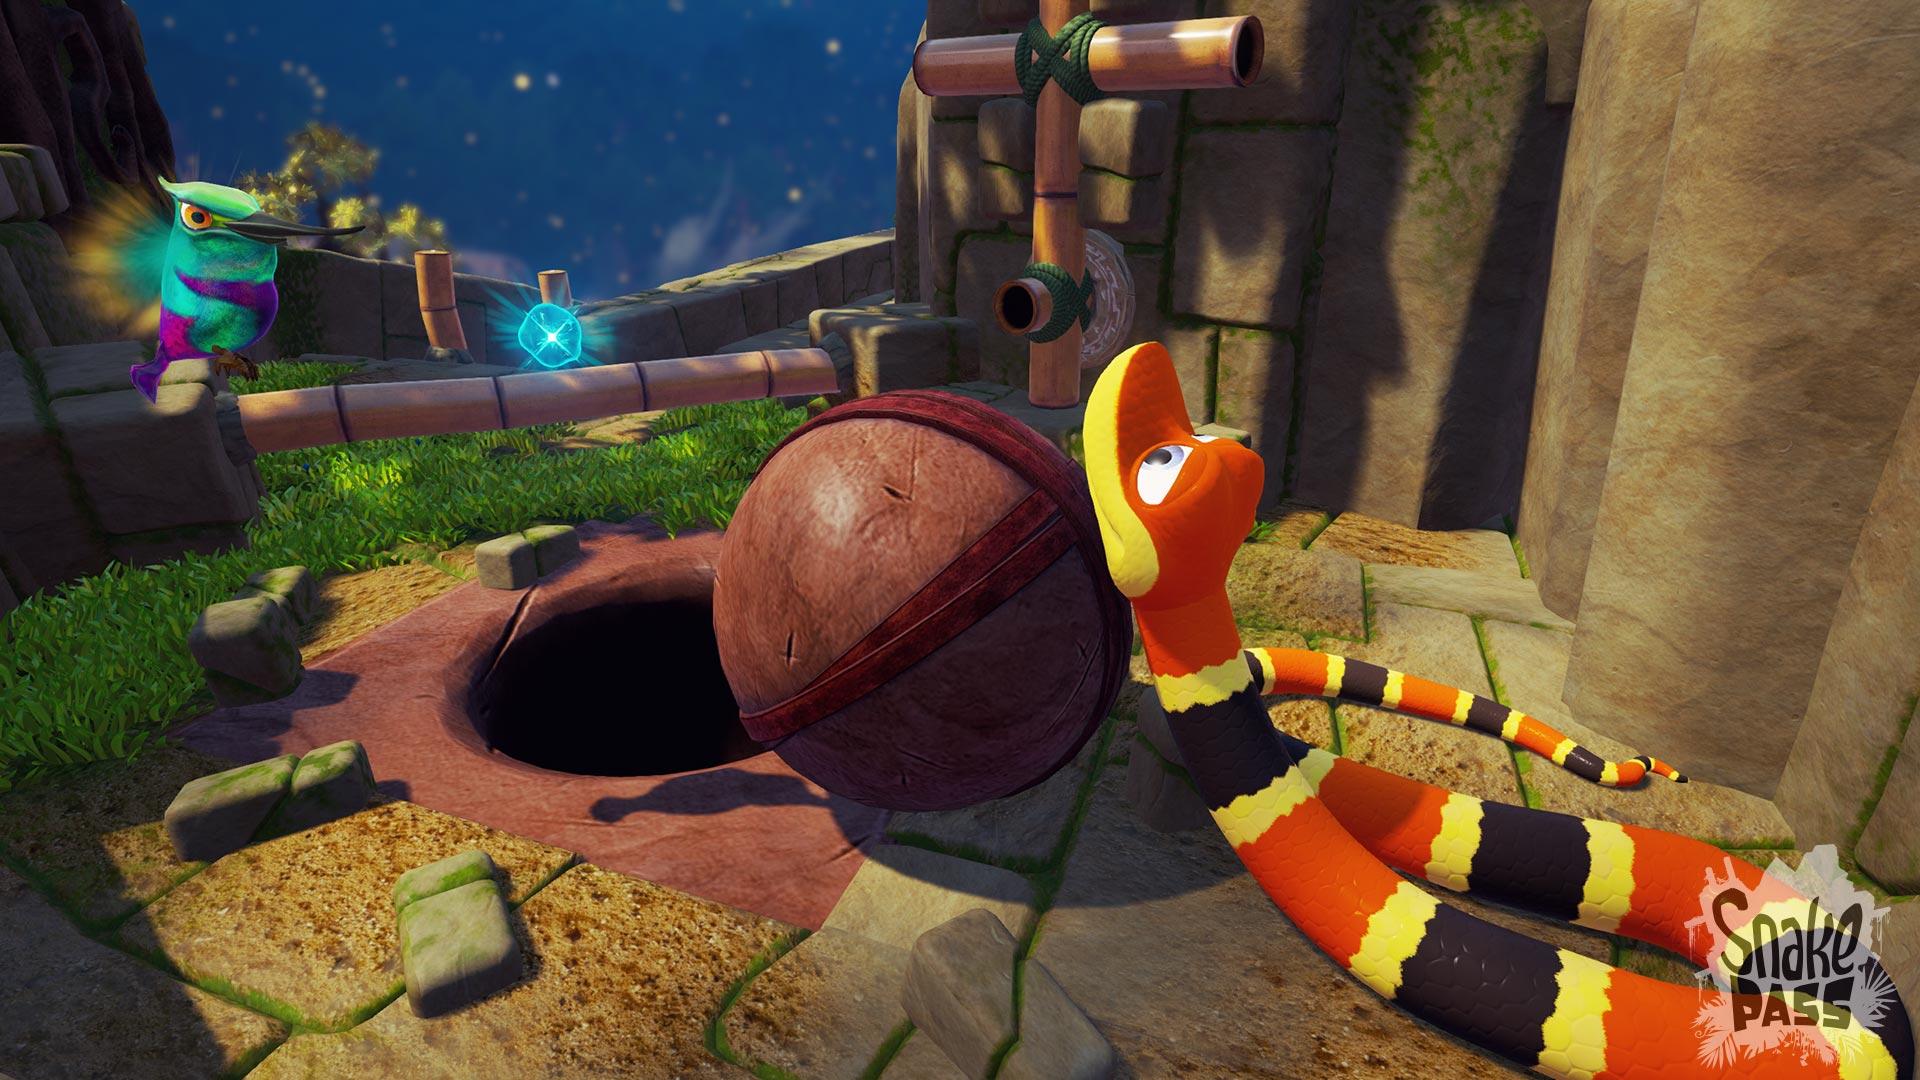 Snake-Pass-Earth-Screenshot-.jpg